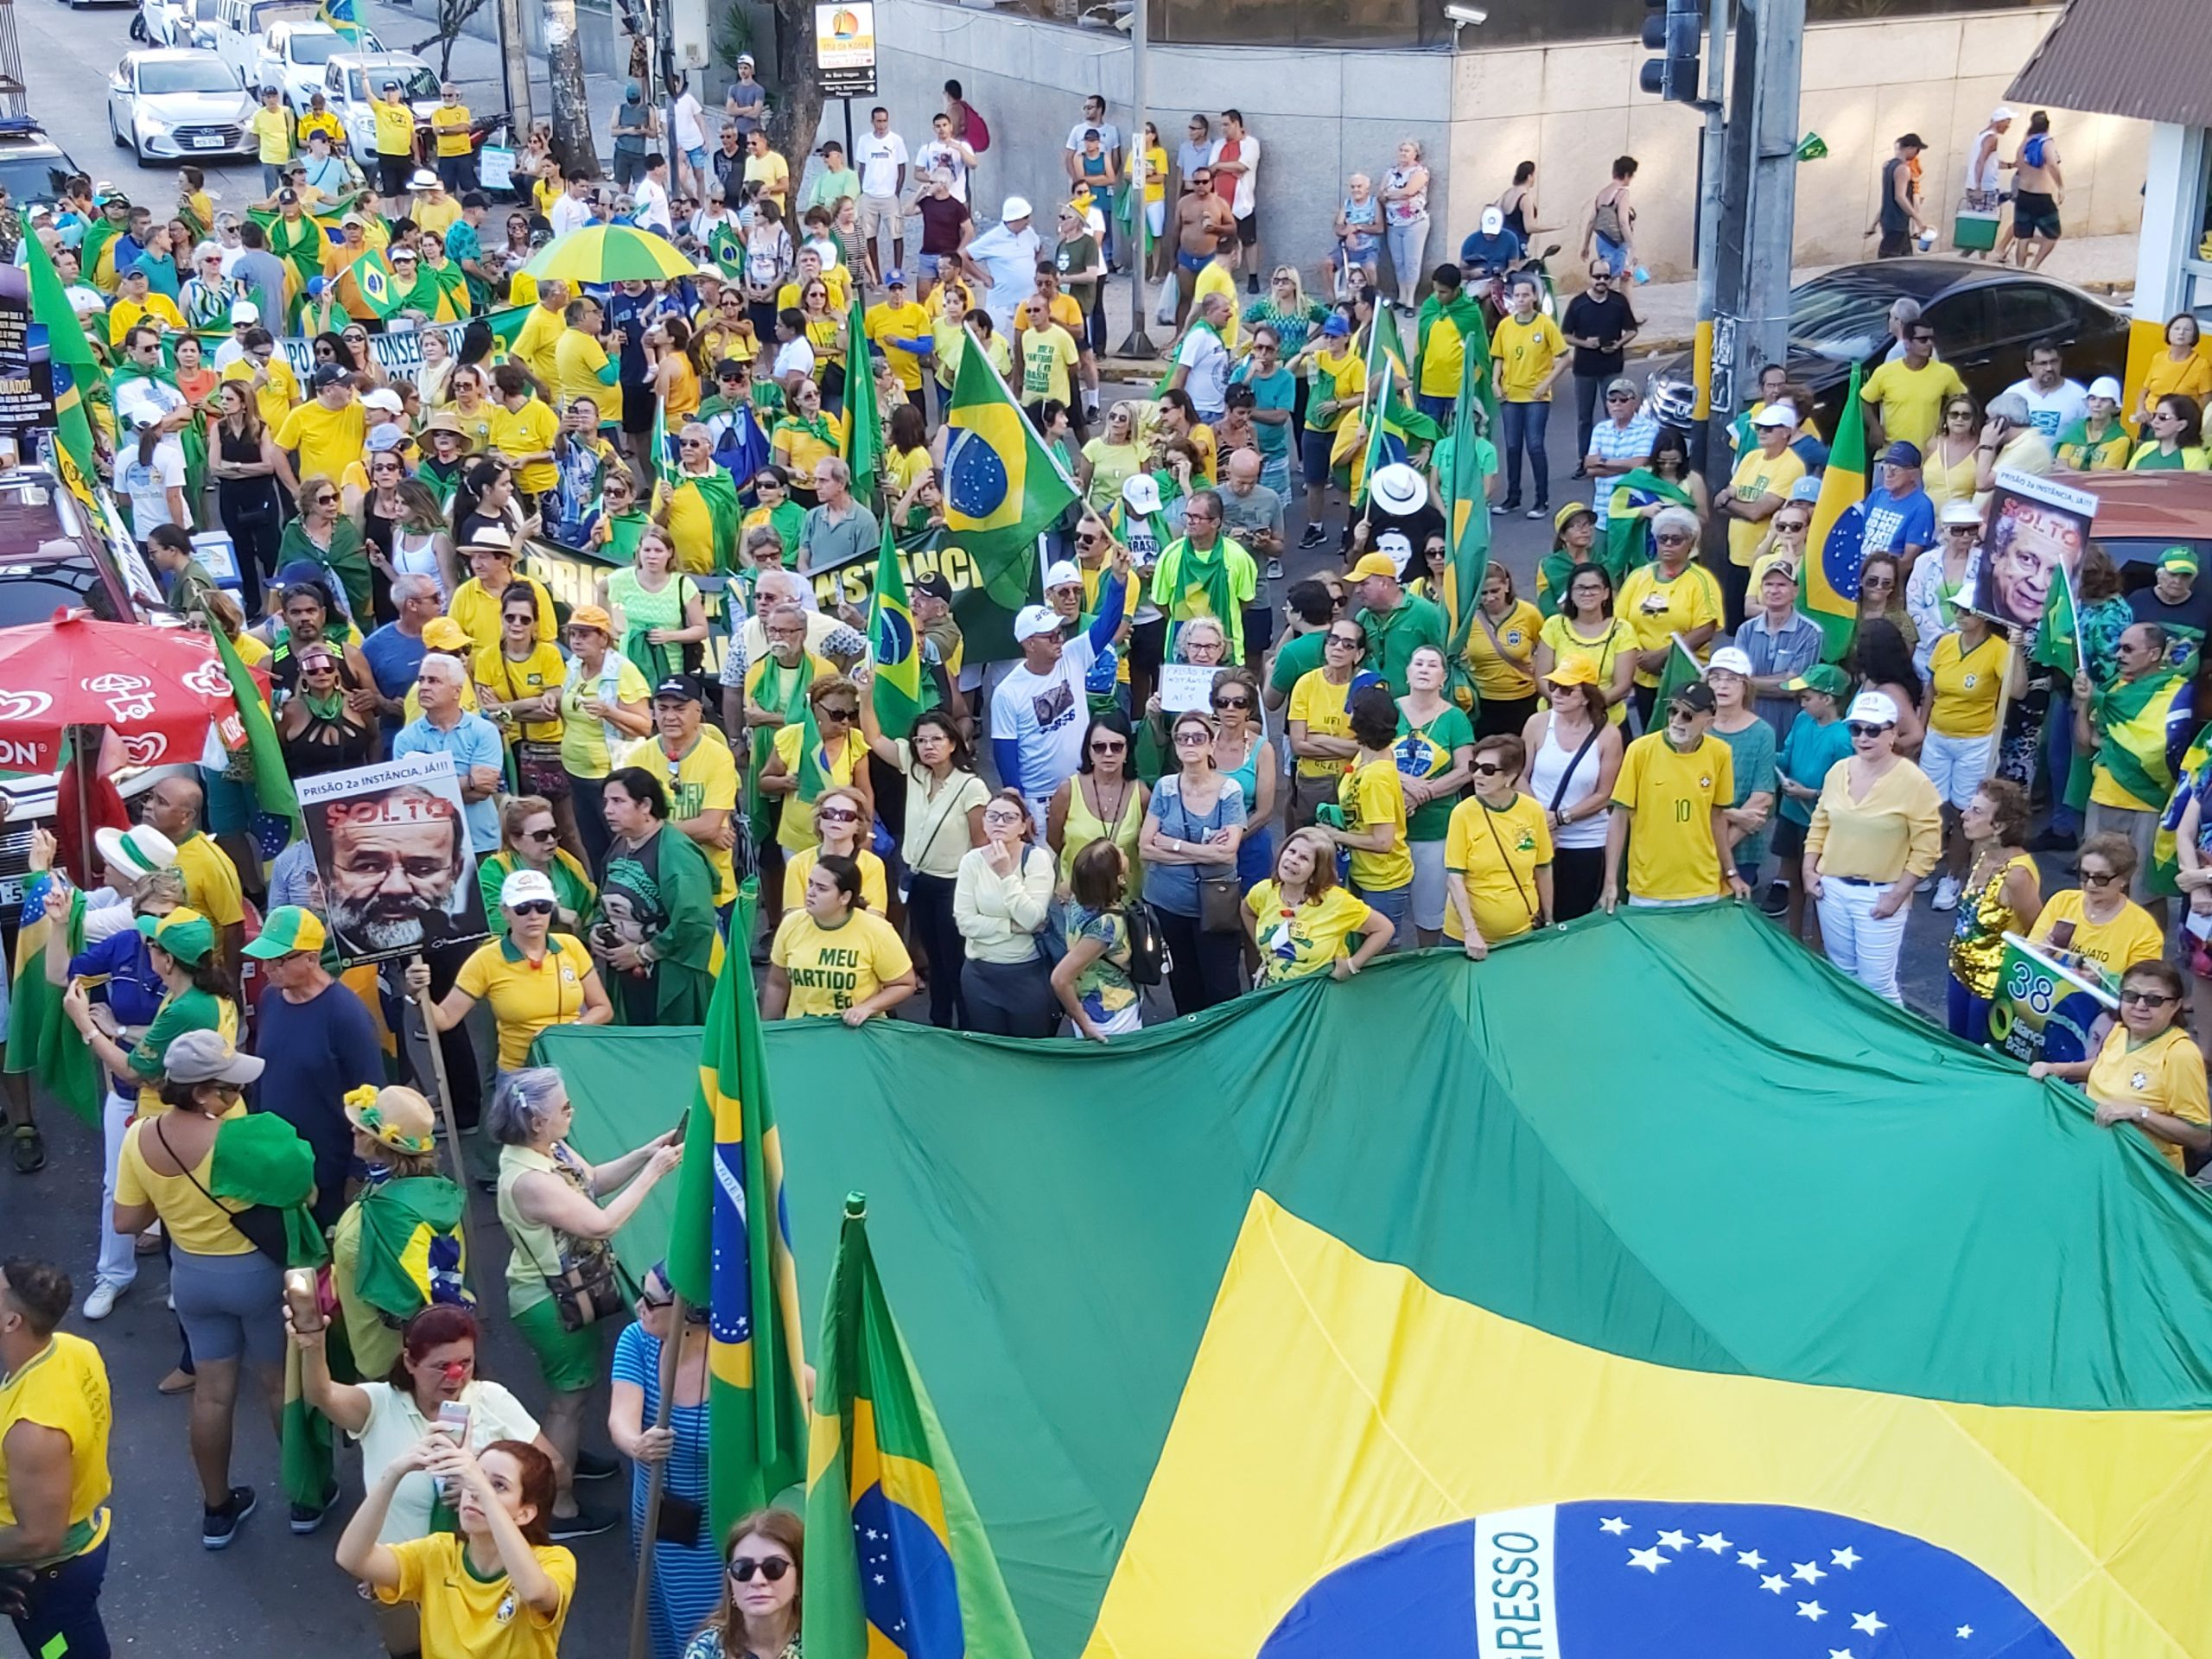 Ato do VPR leva centenas de pessoas às ruas do Recife neste domingo